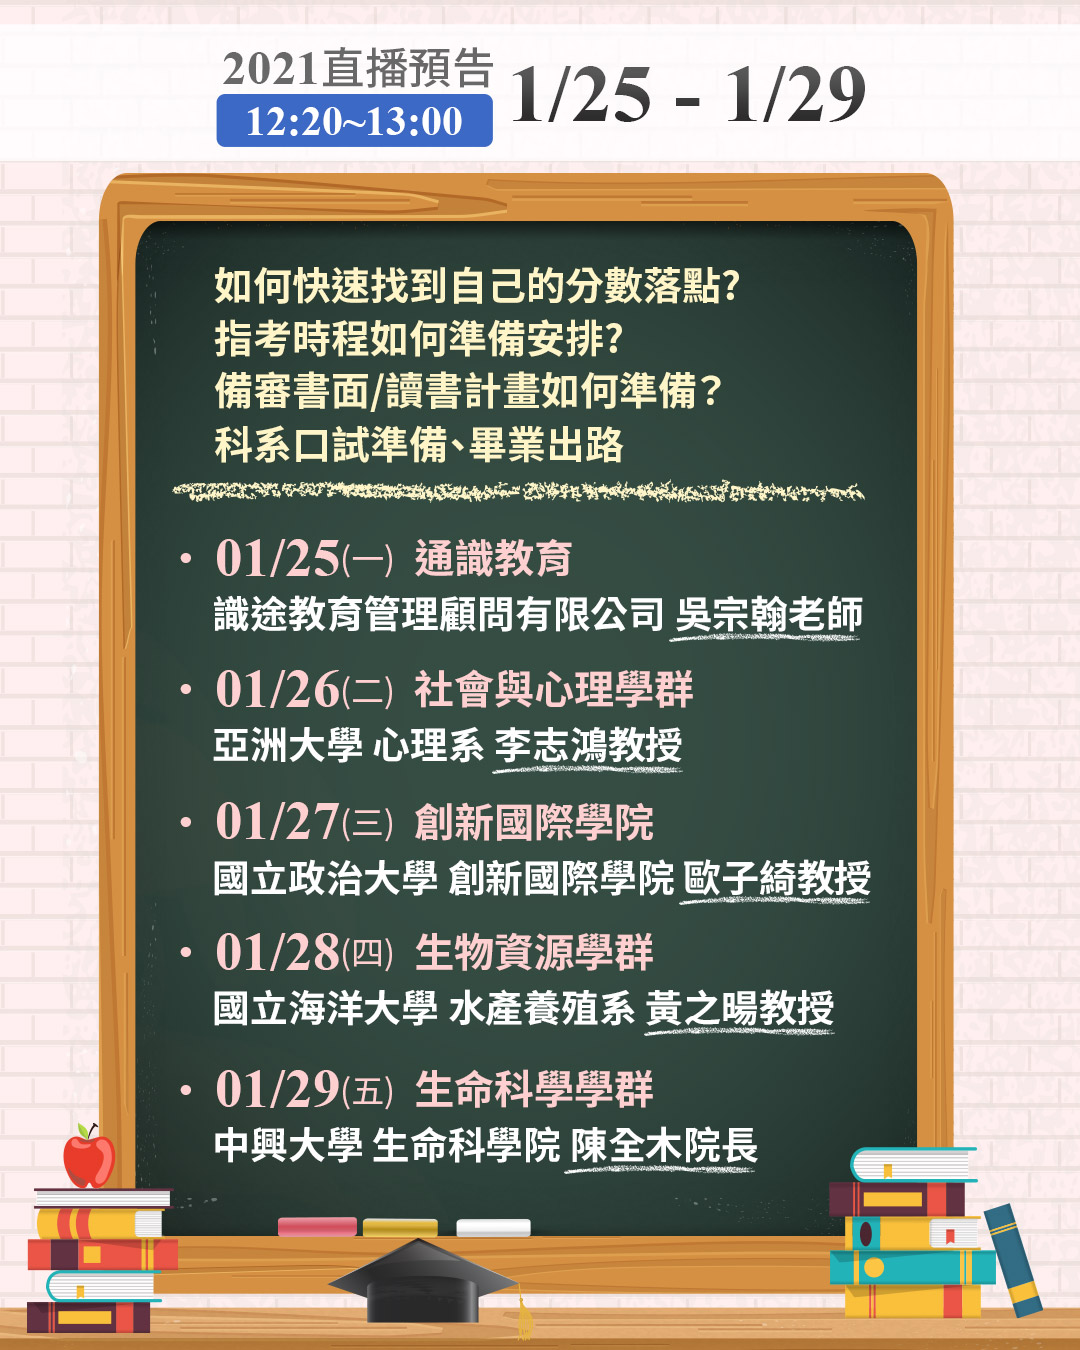 1111【落點分析教戰守策】講座 1/25-29直播預告-面試